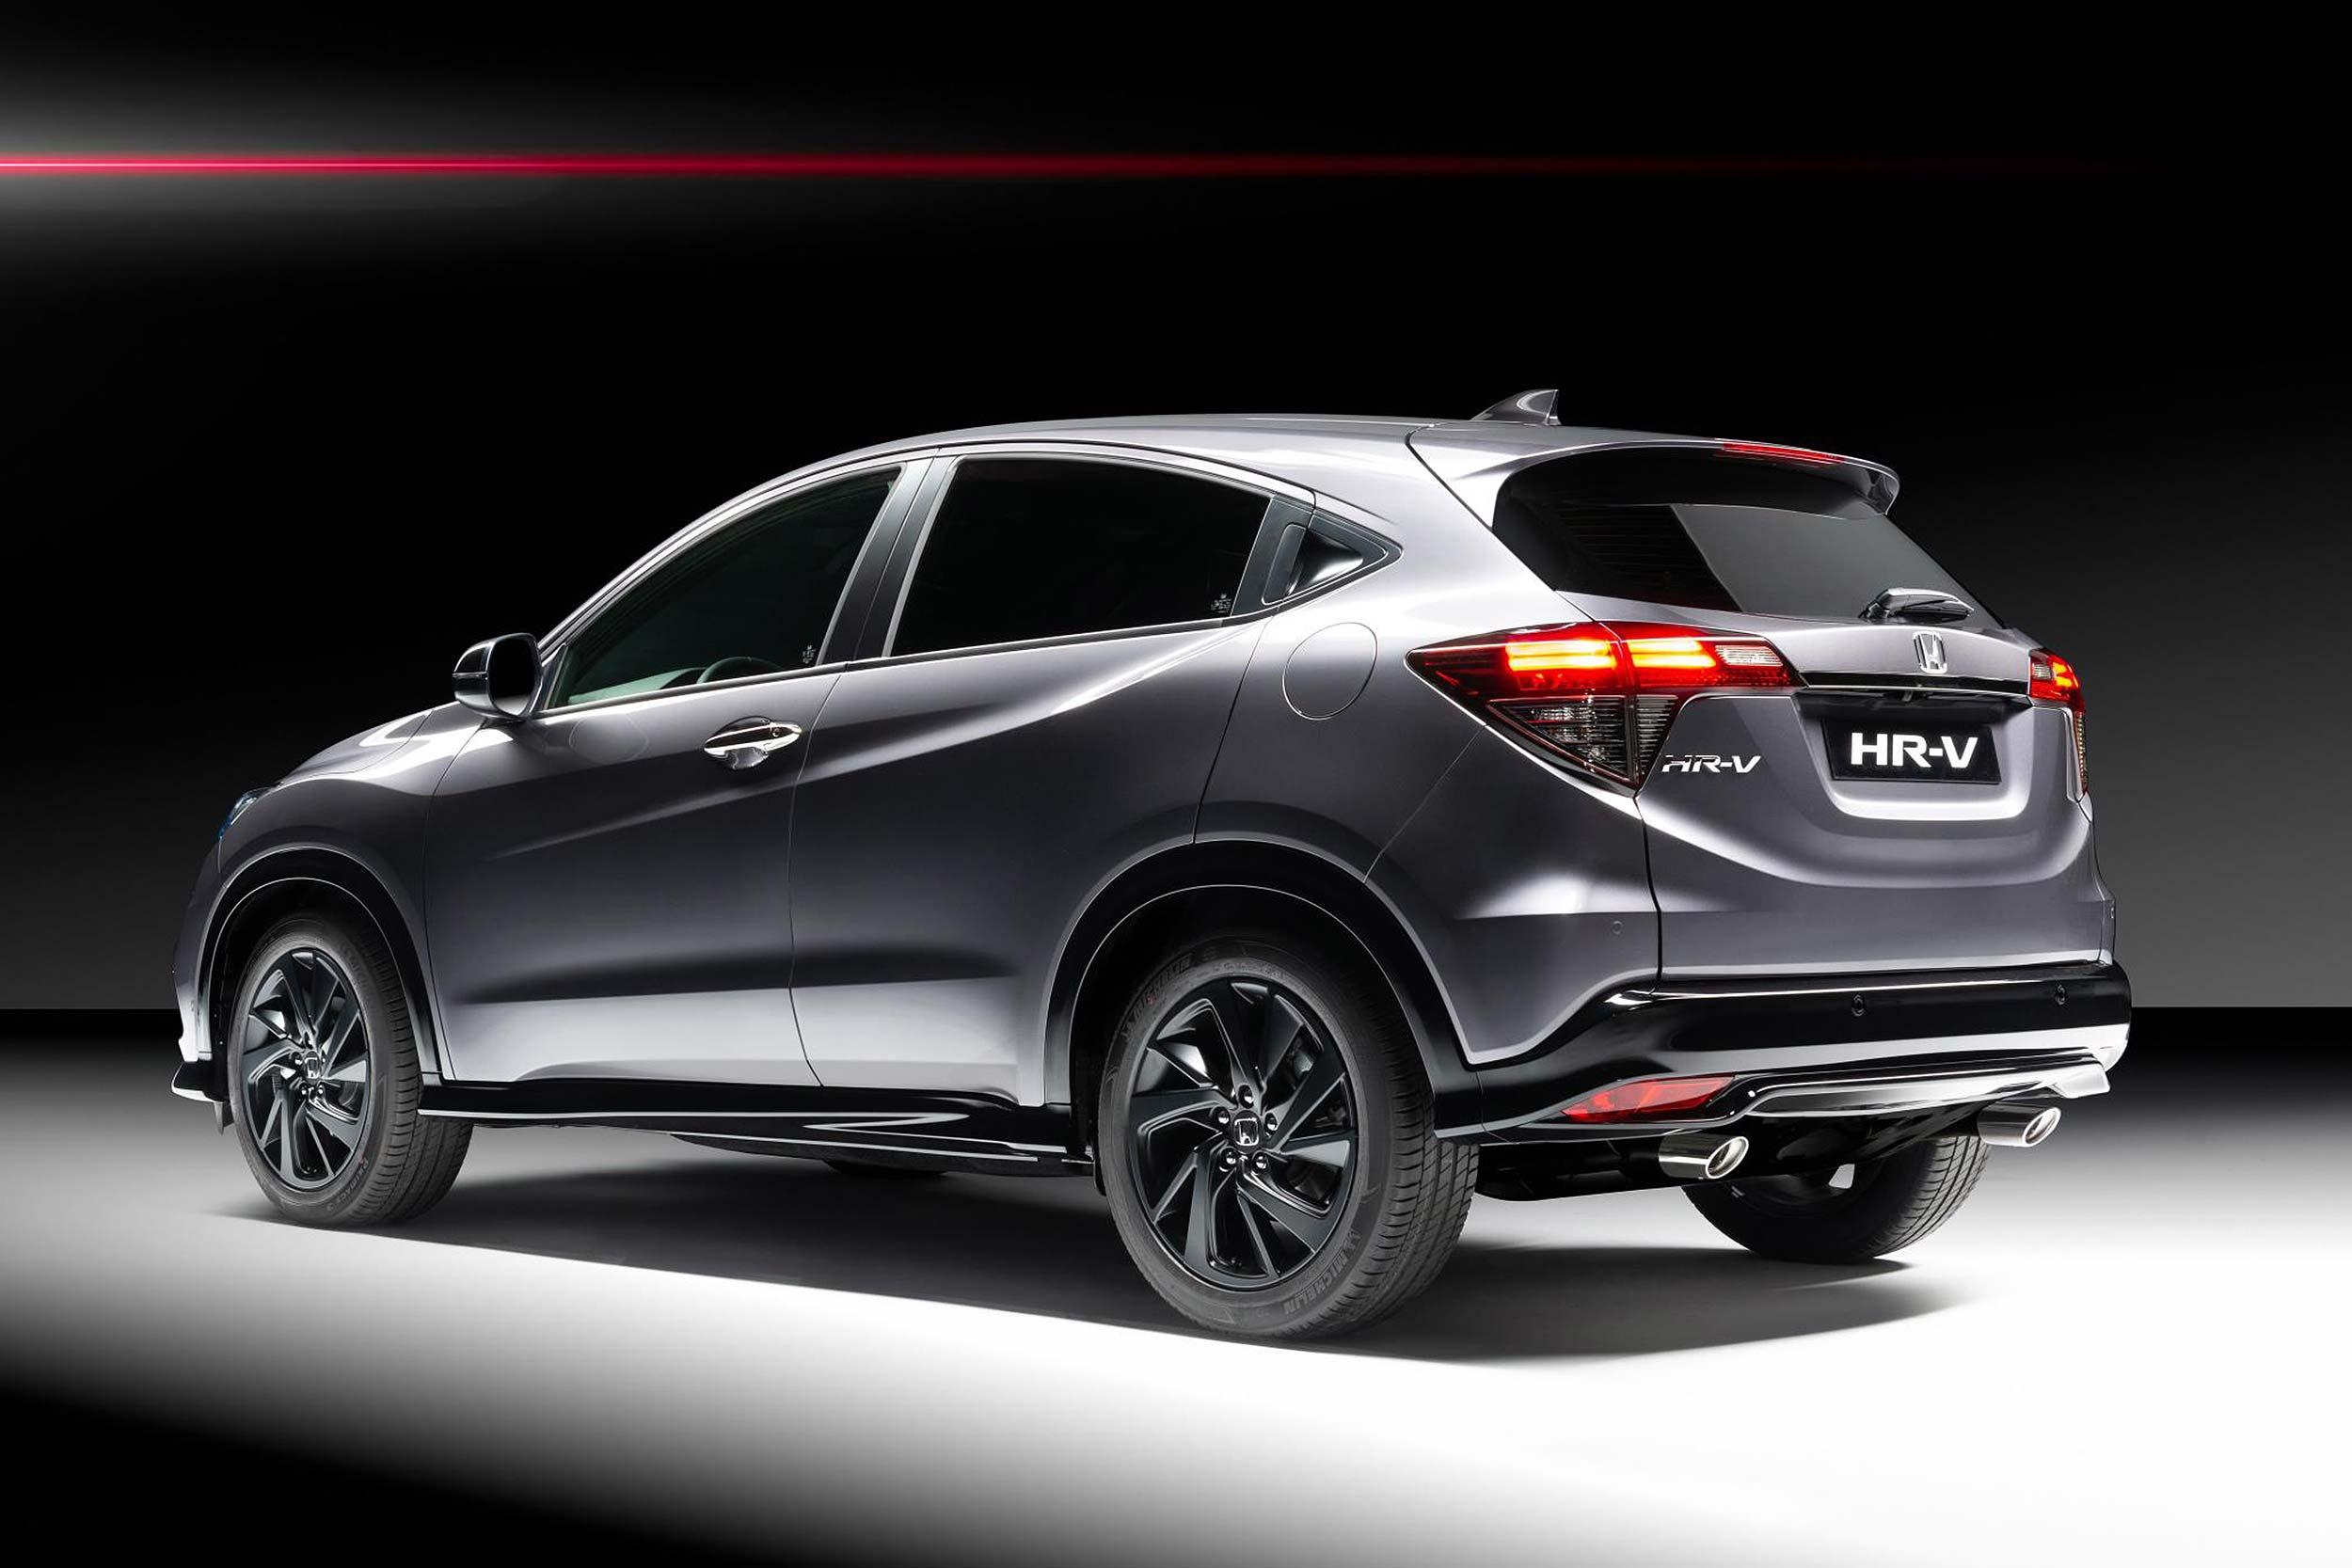 Honda HR-V Sport ra mắt tại Anh, giá bán cao hơn CR-V - 4